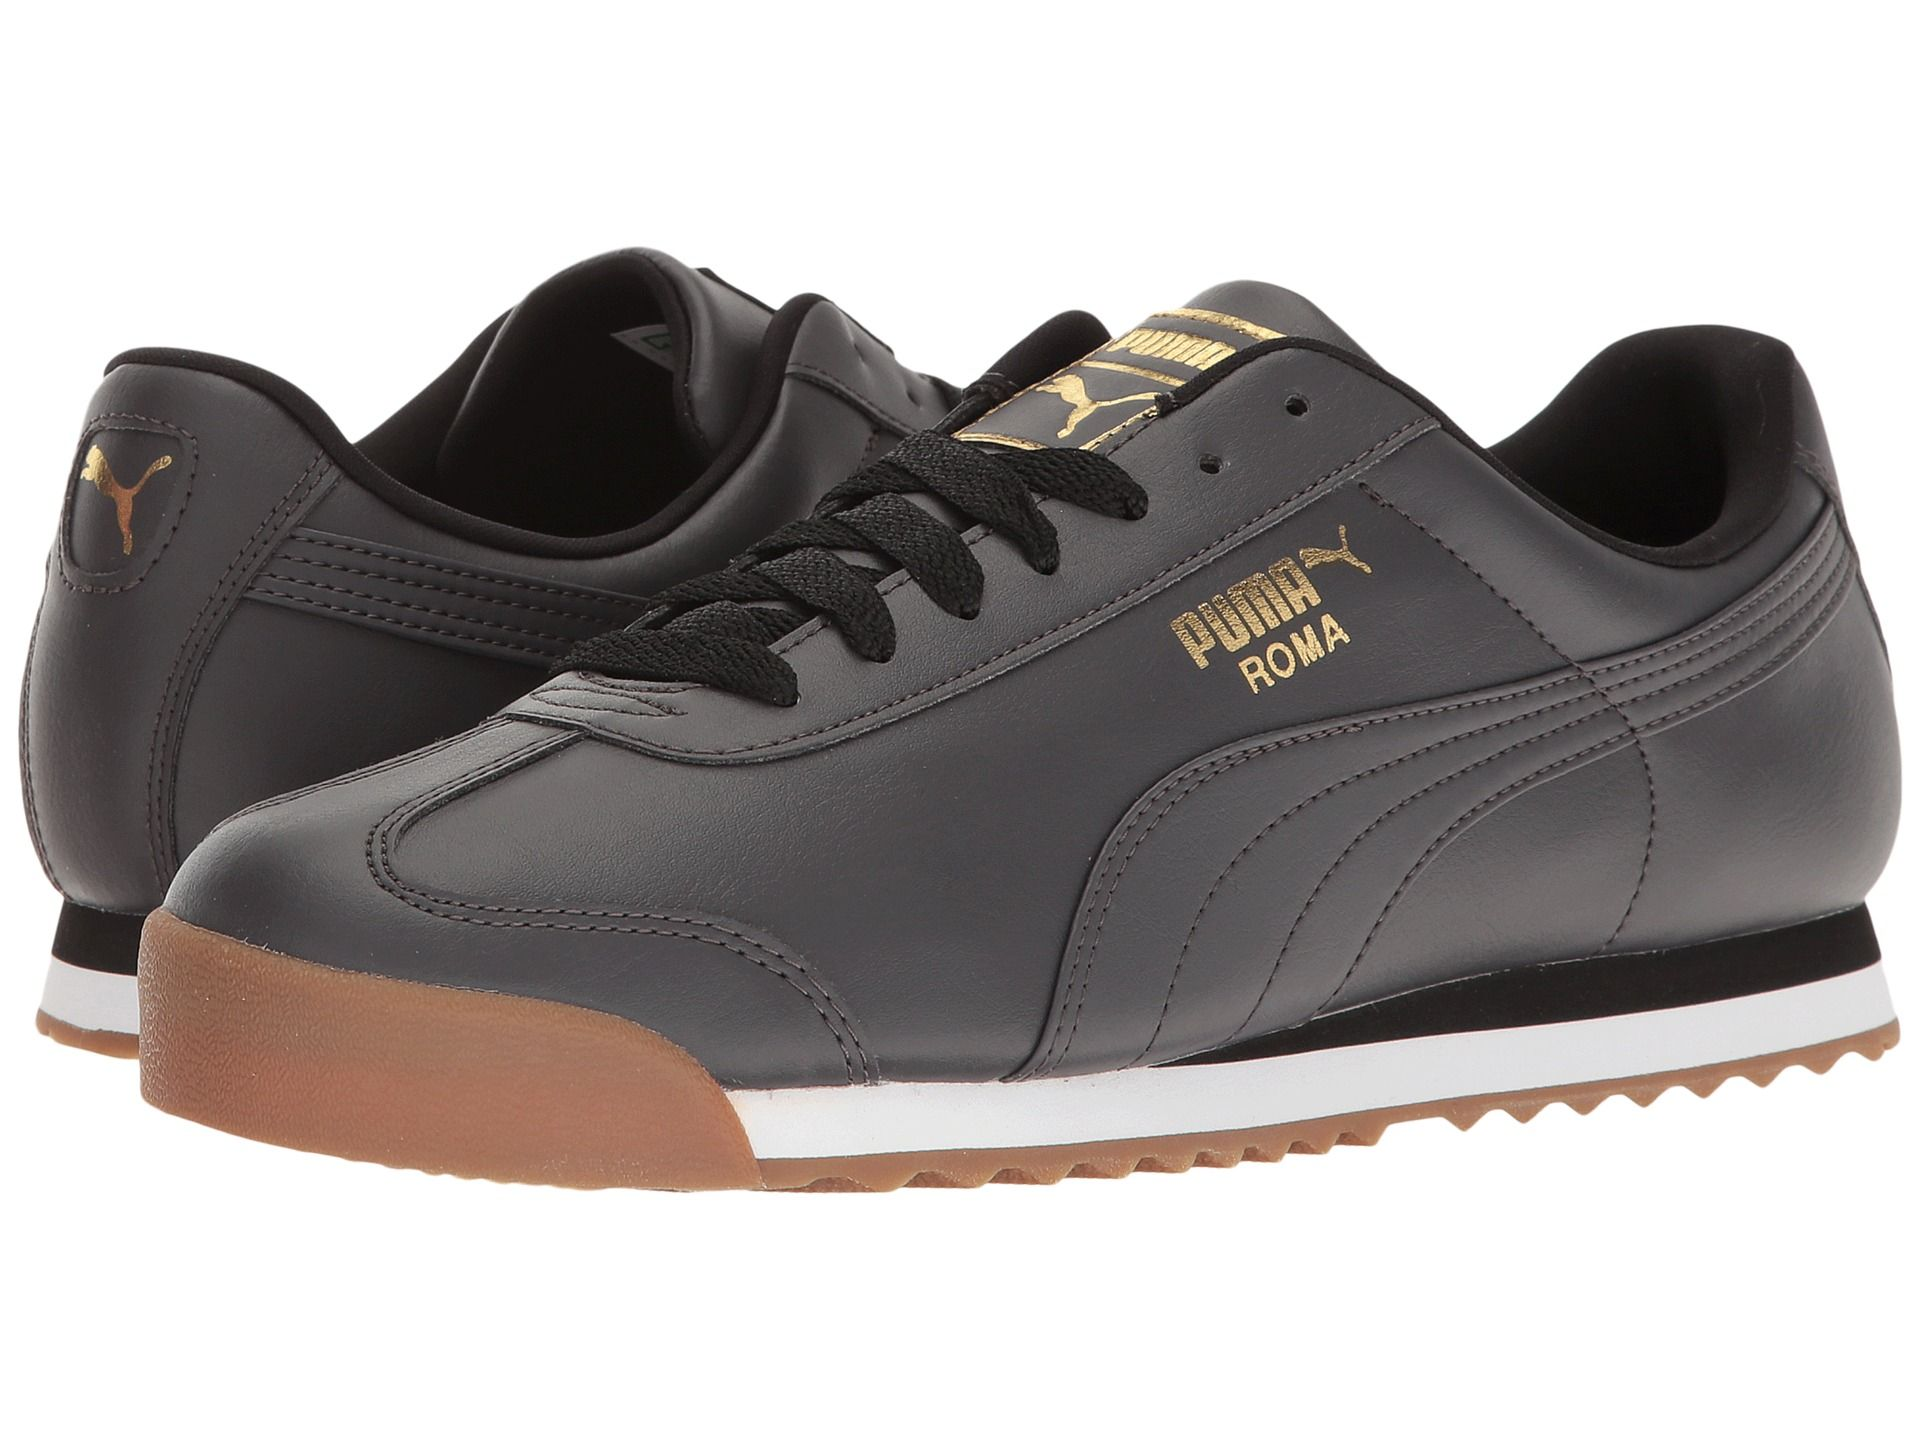 meilleur service 38482 423cd Pin by Dizen Gear on Footgear in 2019   Shoes, Sneakers ...